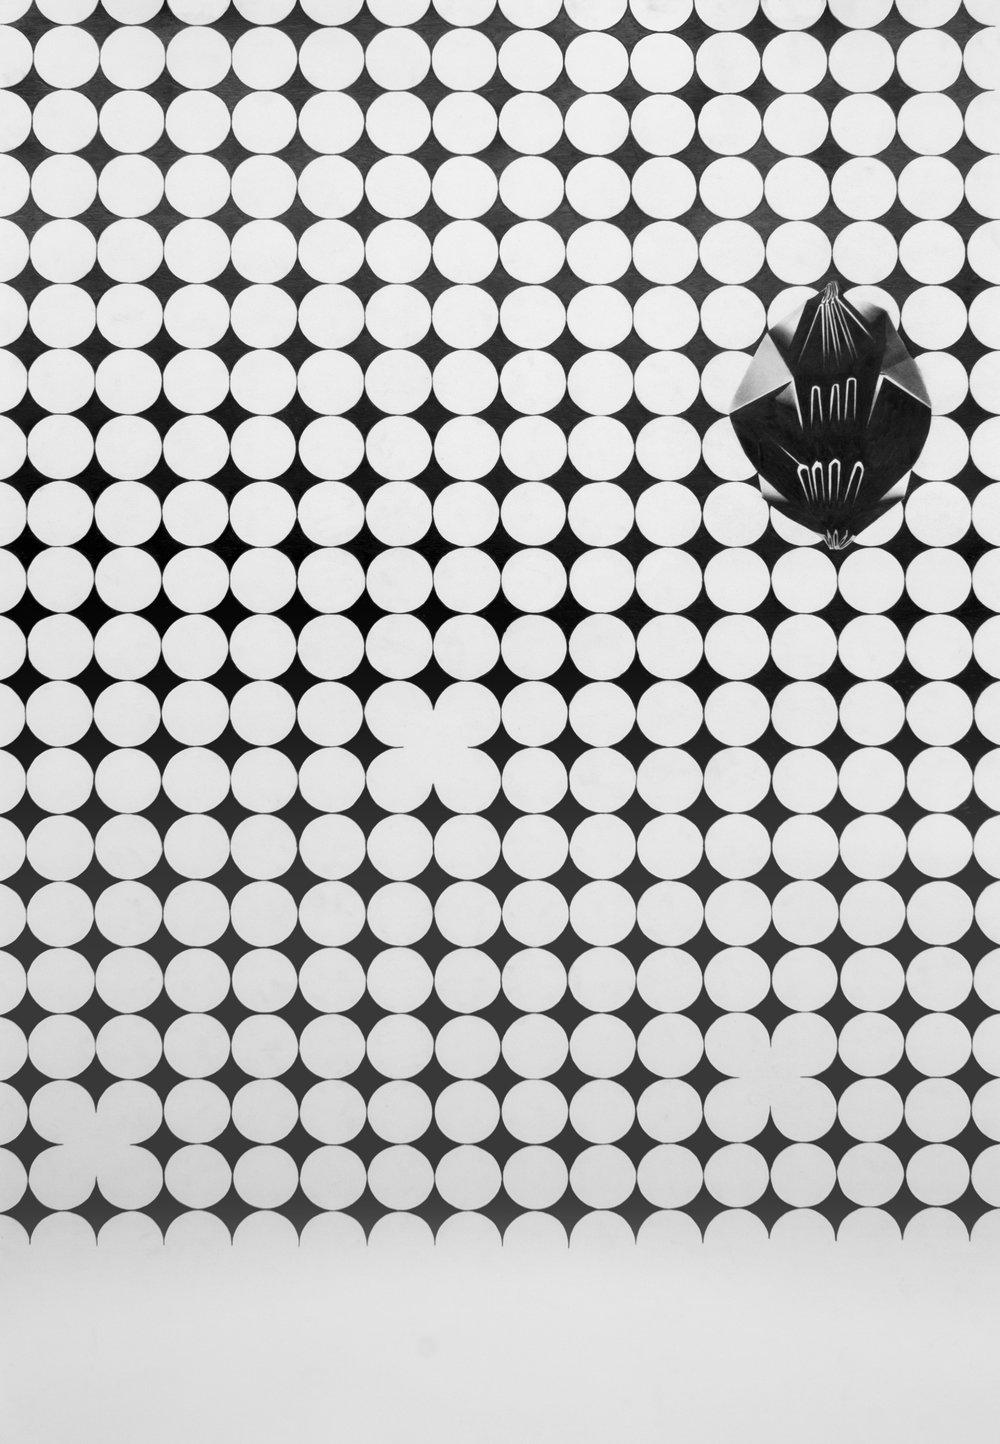 """Philippe Caron-Lefebvre, Replis sur losange noir , 2016, graphite sur papier,44"""" x 30"""" (112 x 76 cm)."""